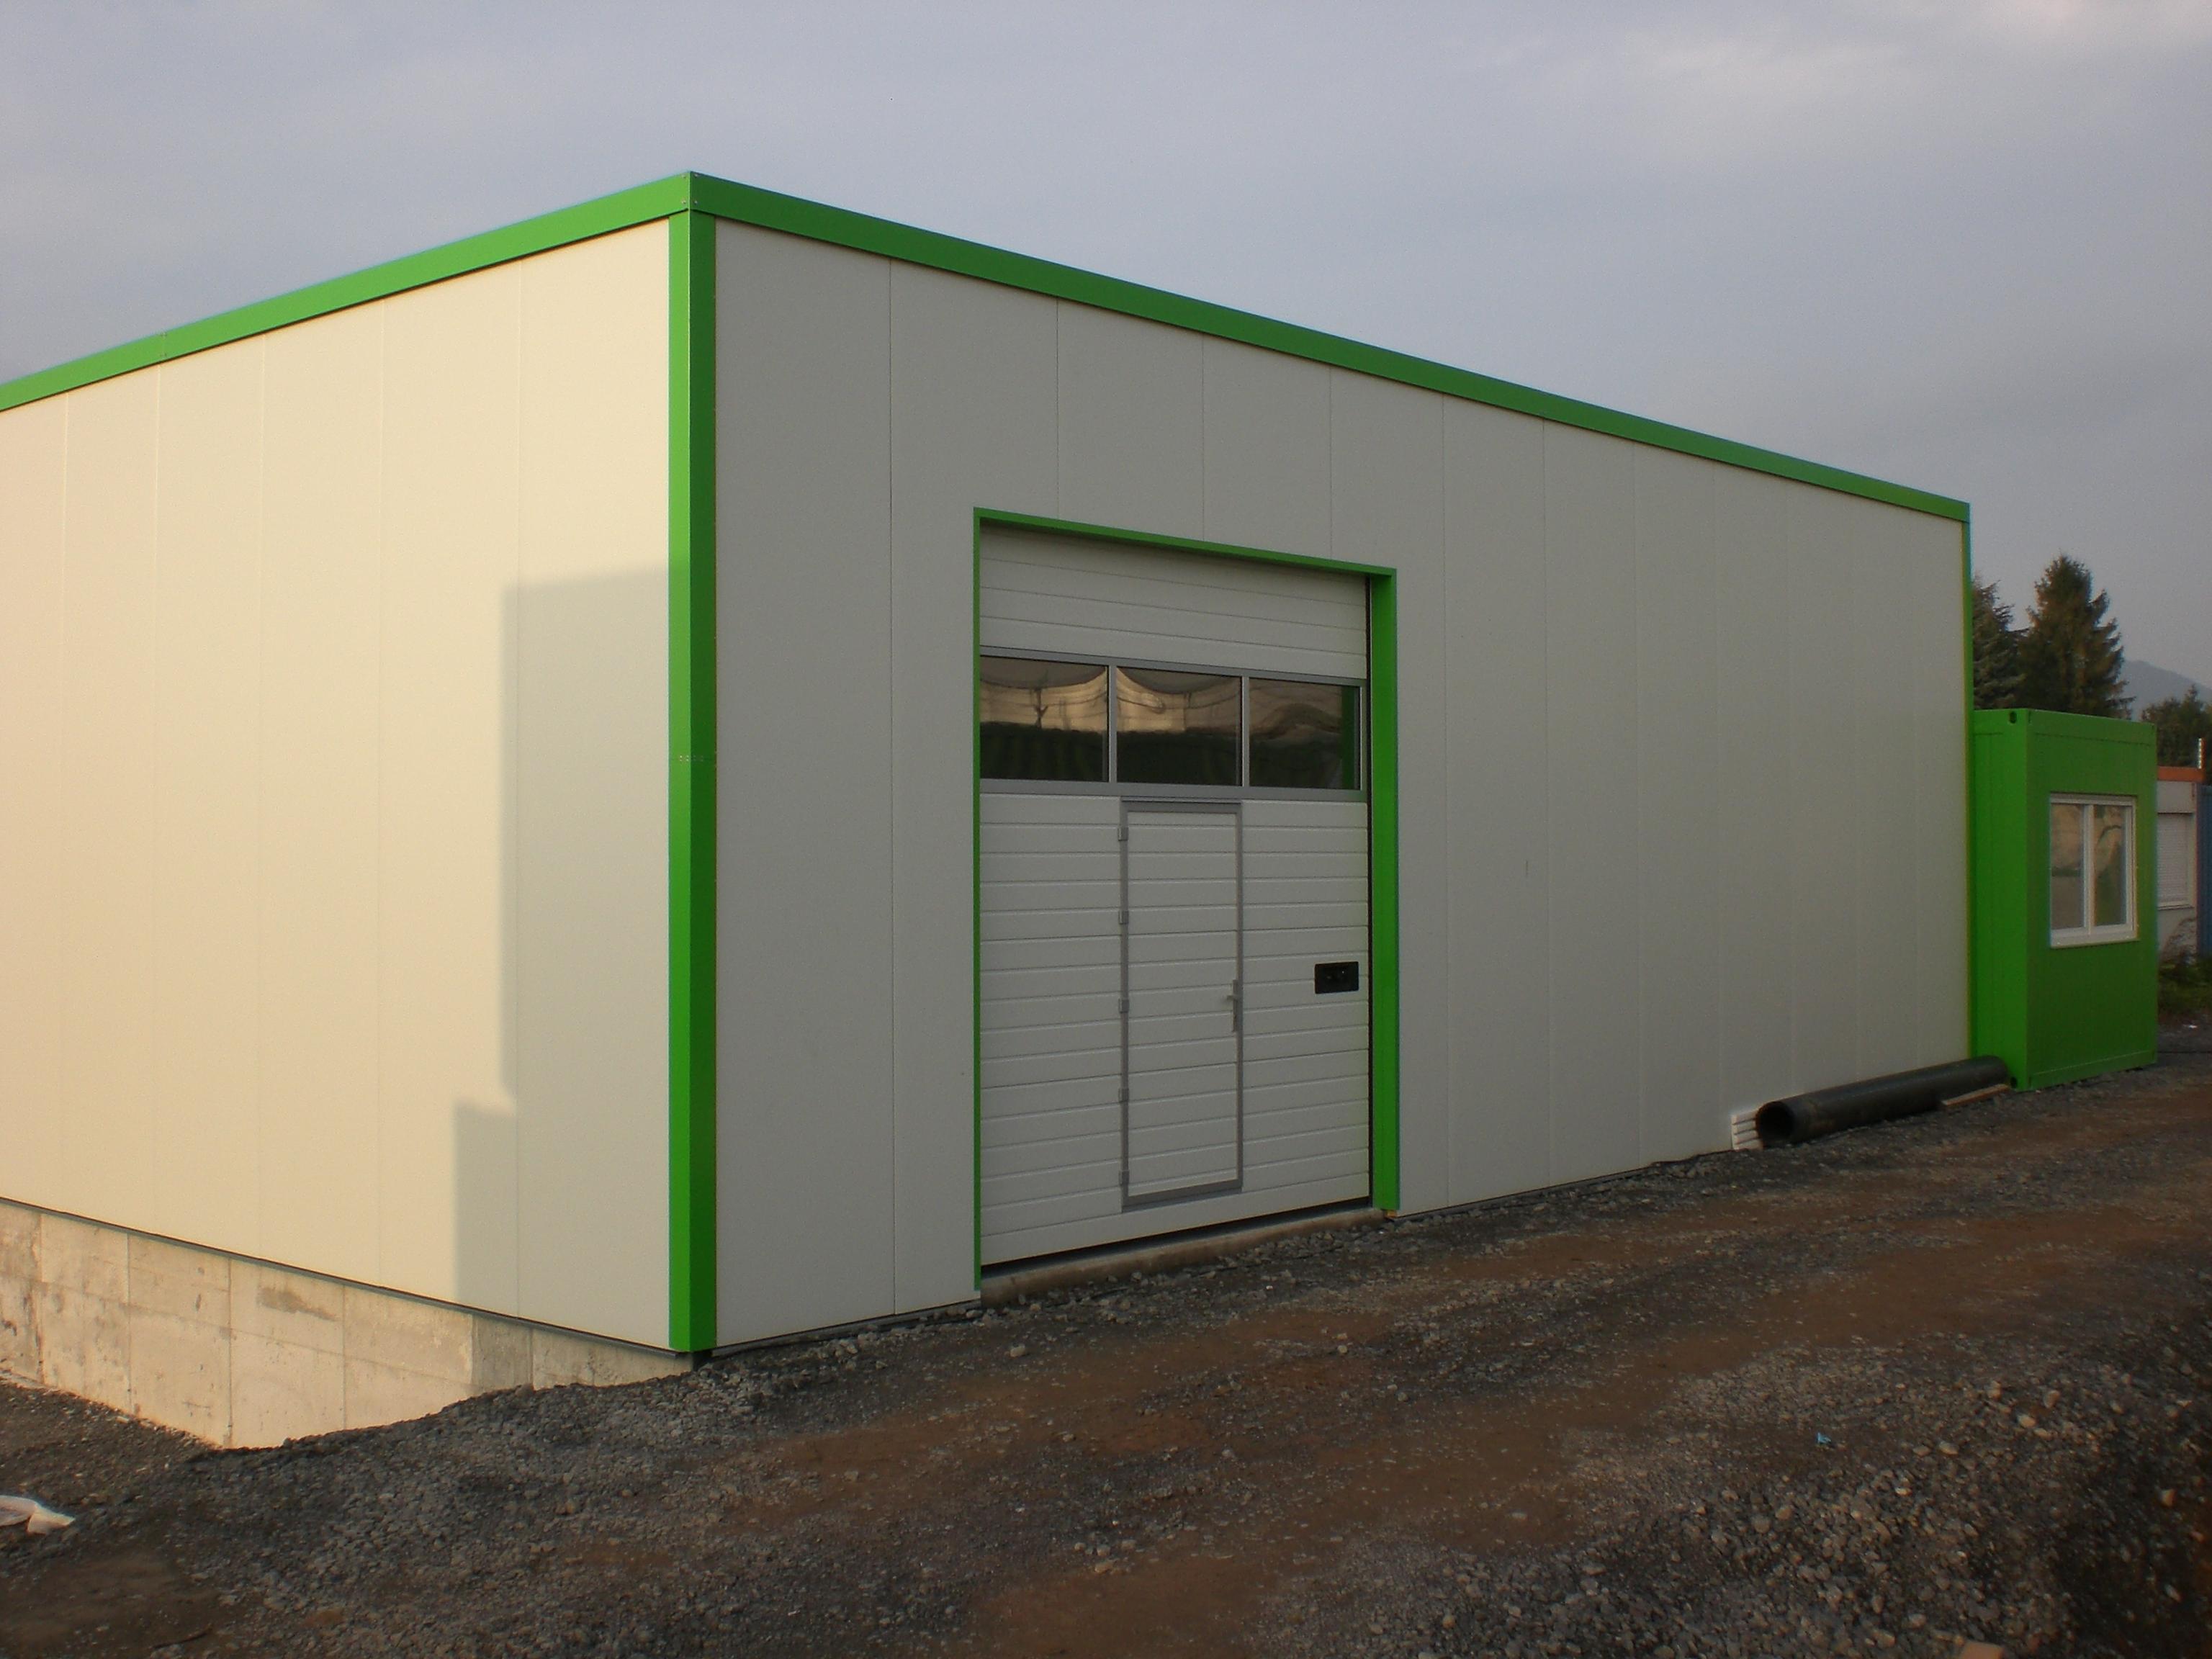 hallenbau lagerhallen schnellbauhallen fertighallen und. Black Bedroom Furniture Sets. Home Design Ideas